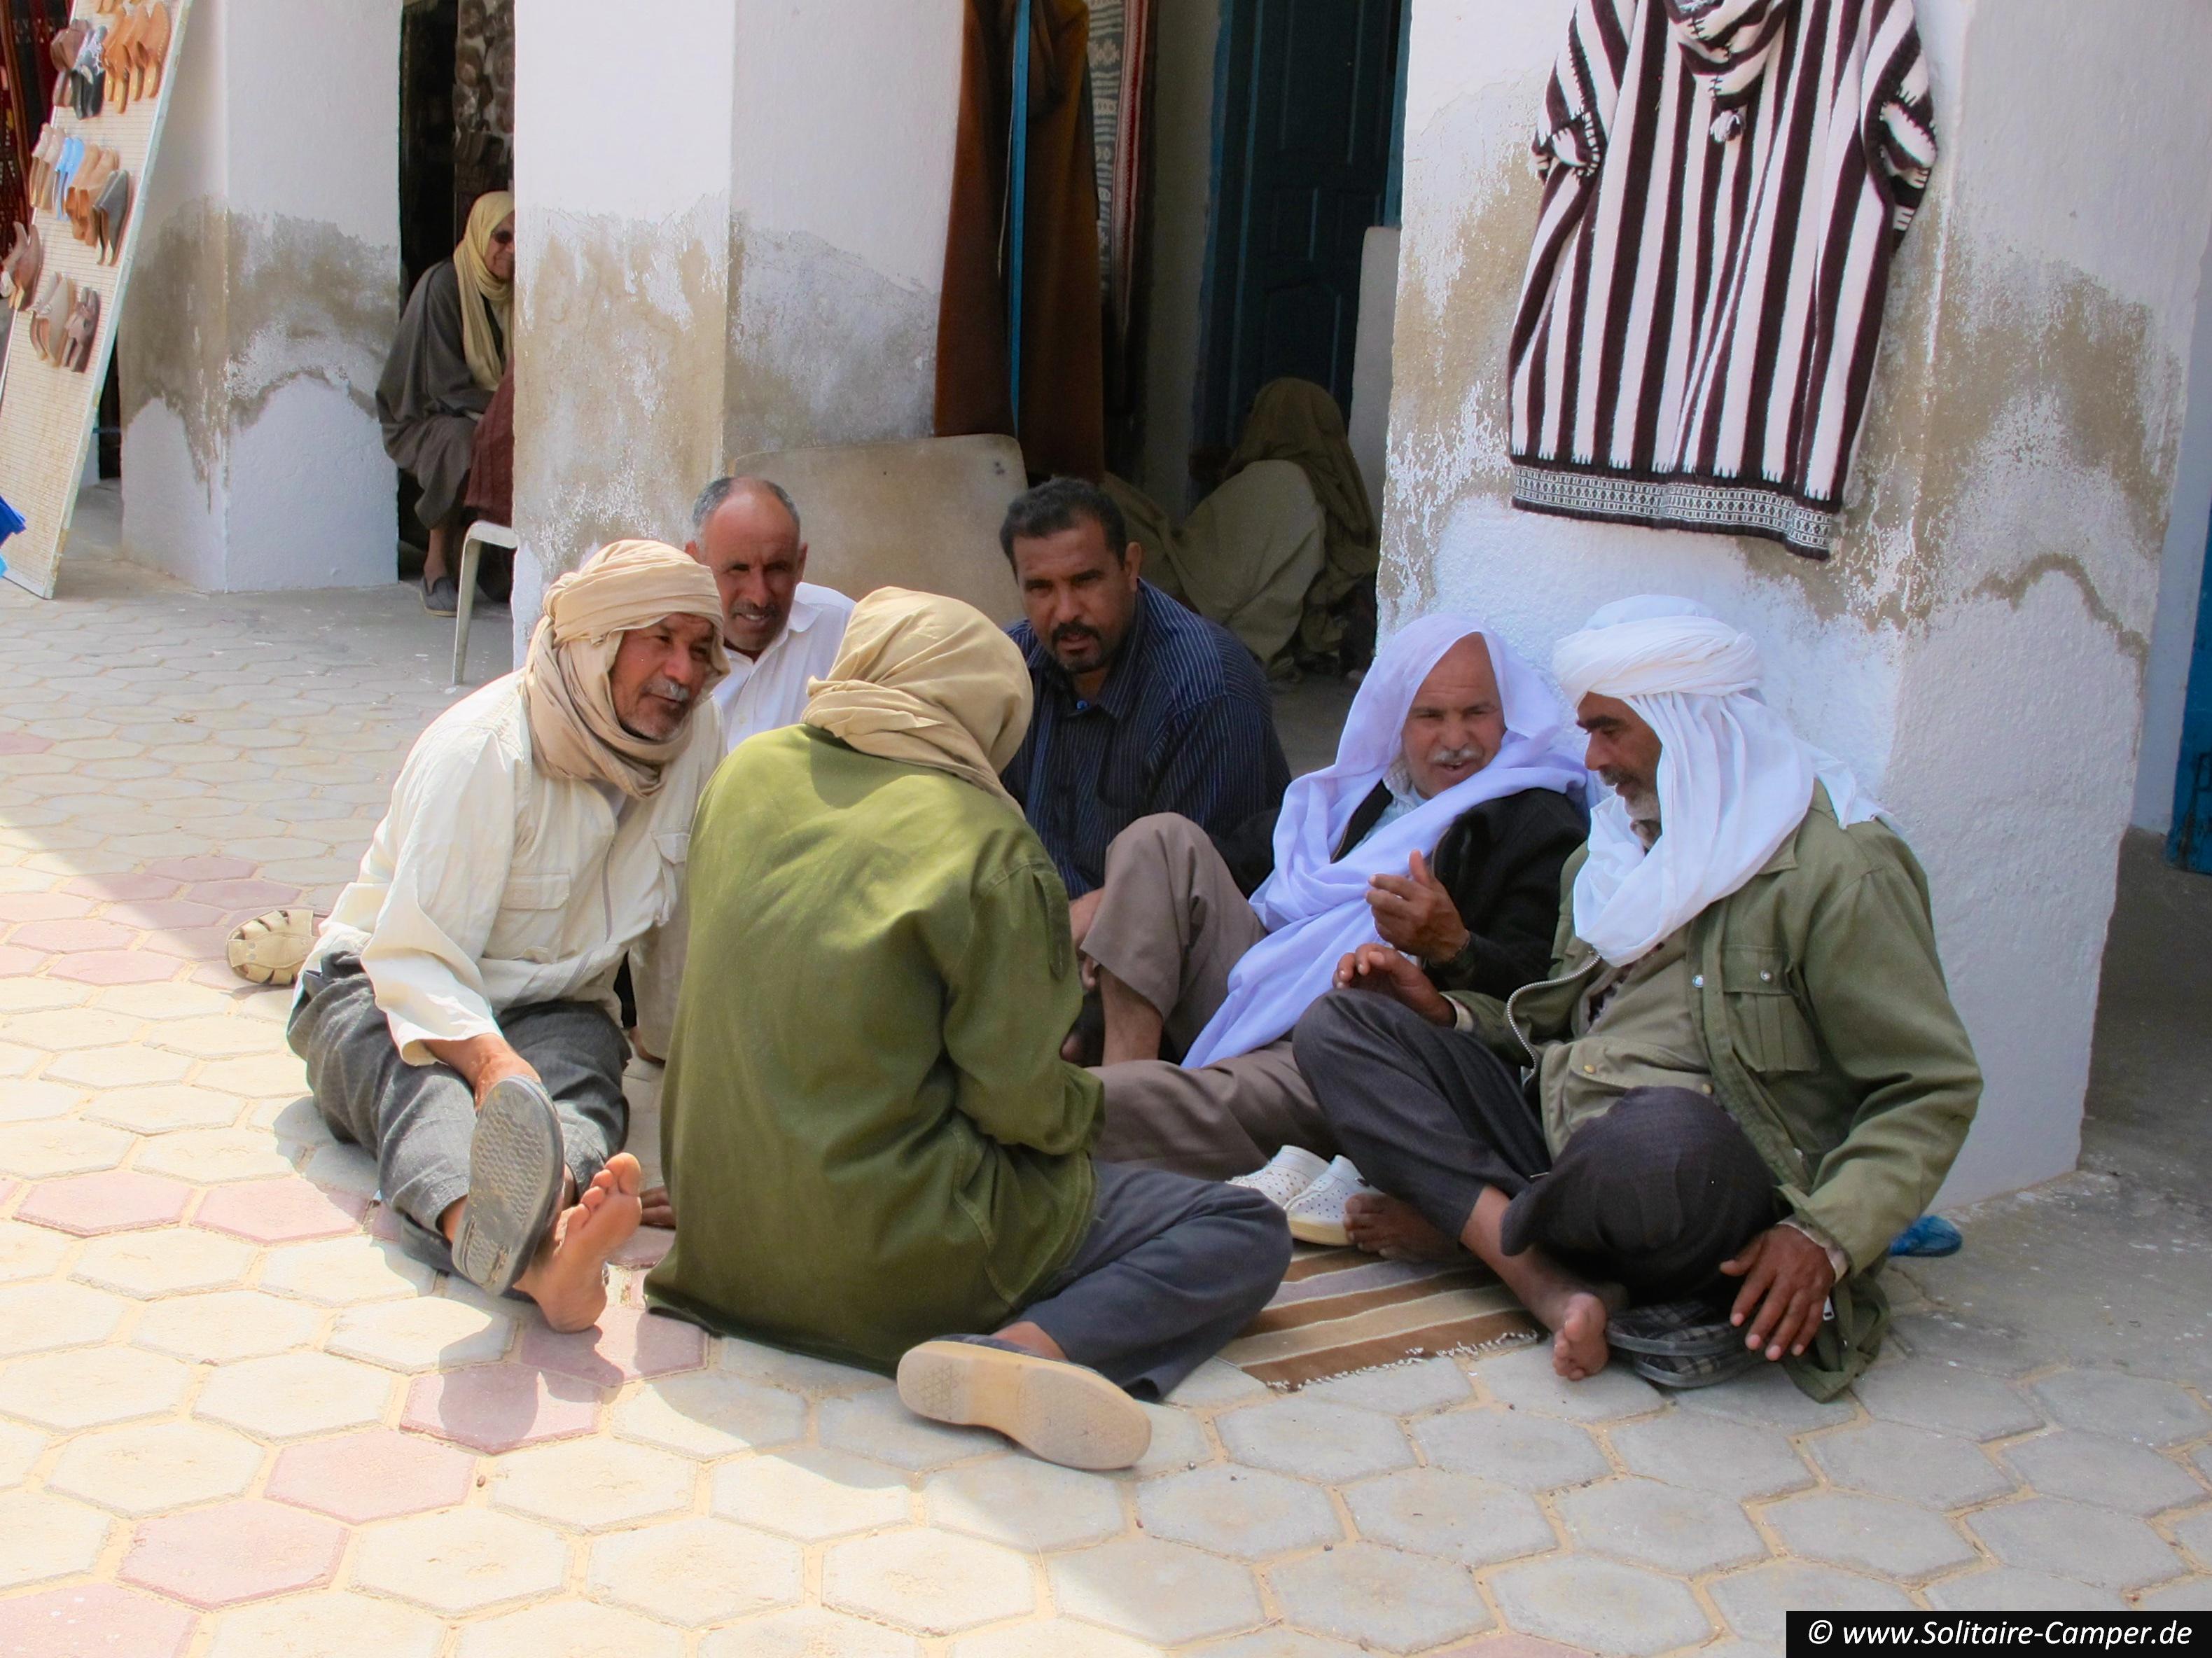 Tunesien @ Solitaire Camper